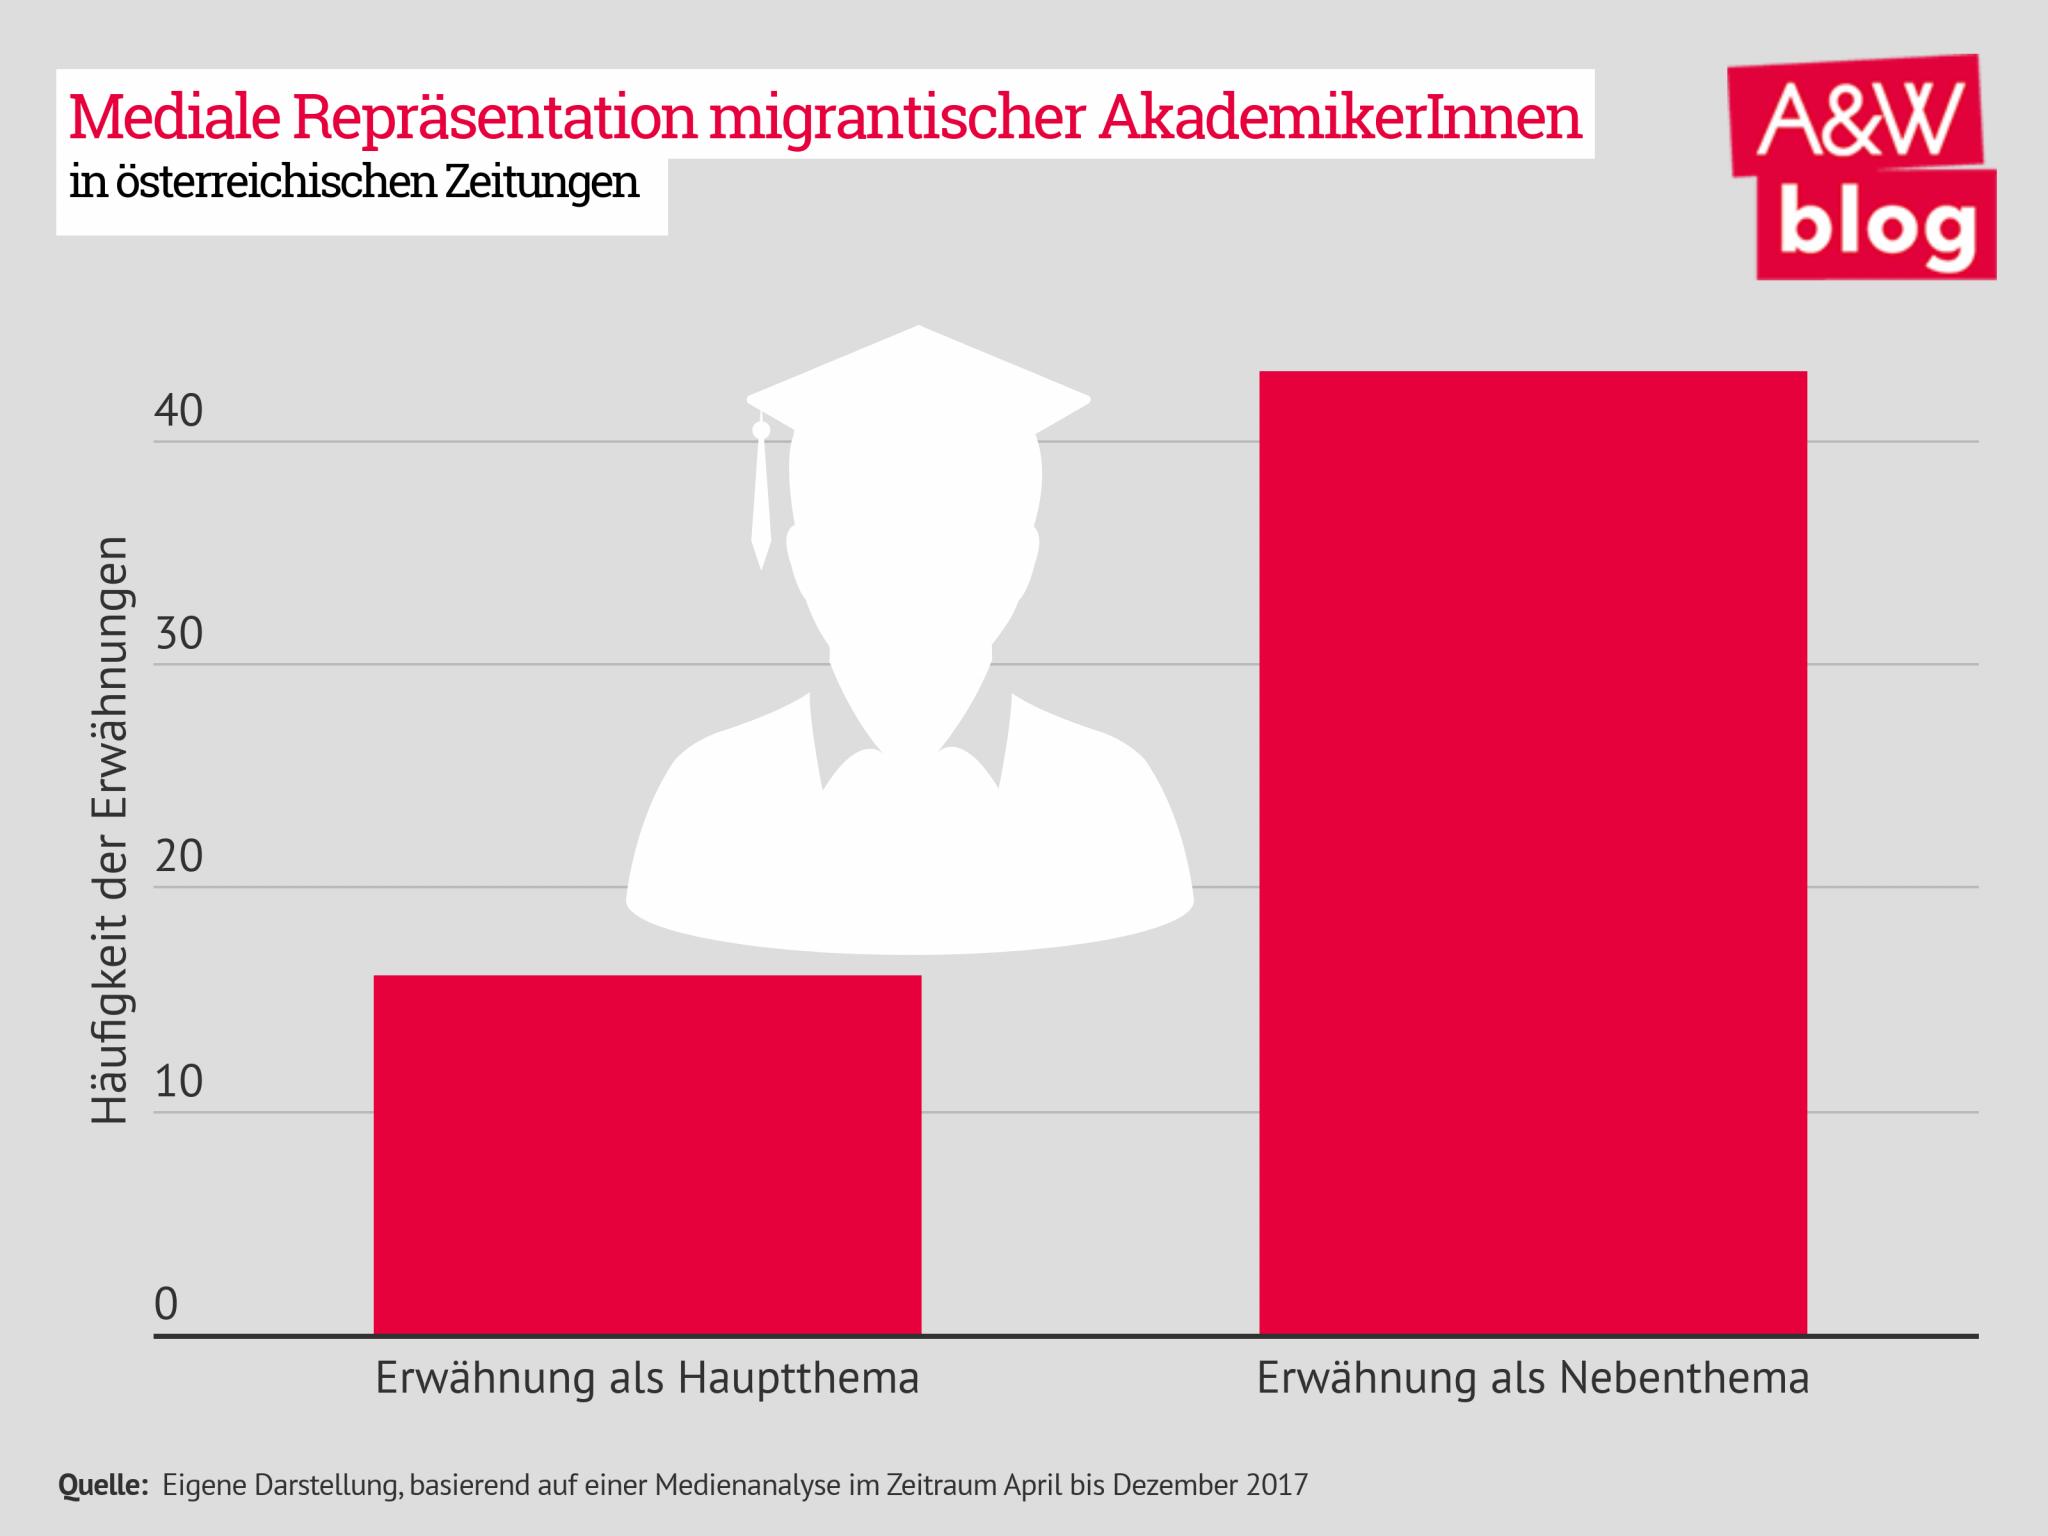 Die mediale Repräsentation von migrantischen AkademikerInnen in österreichischen Zeitungen